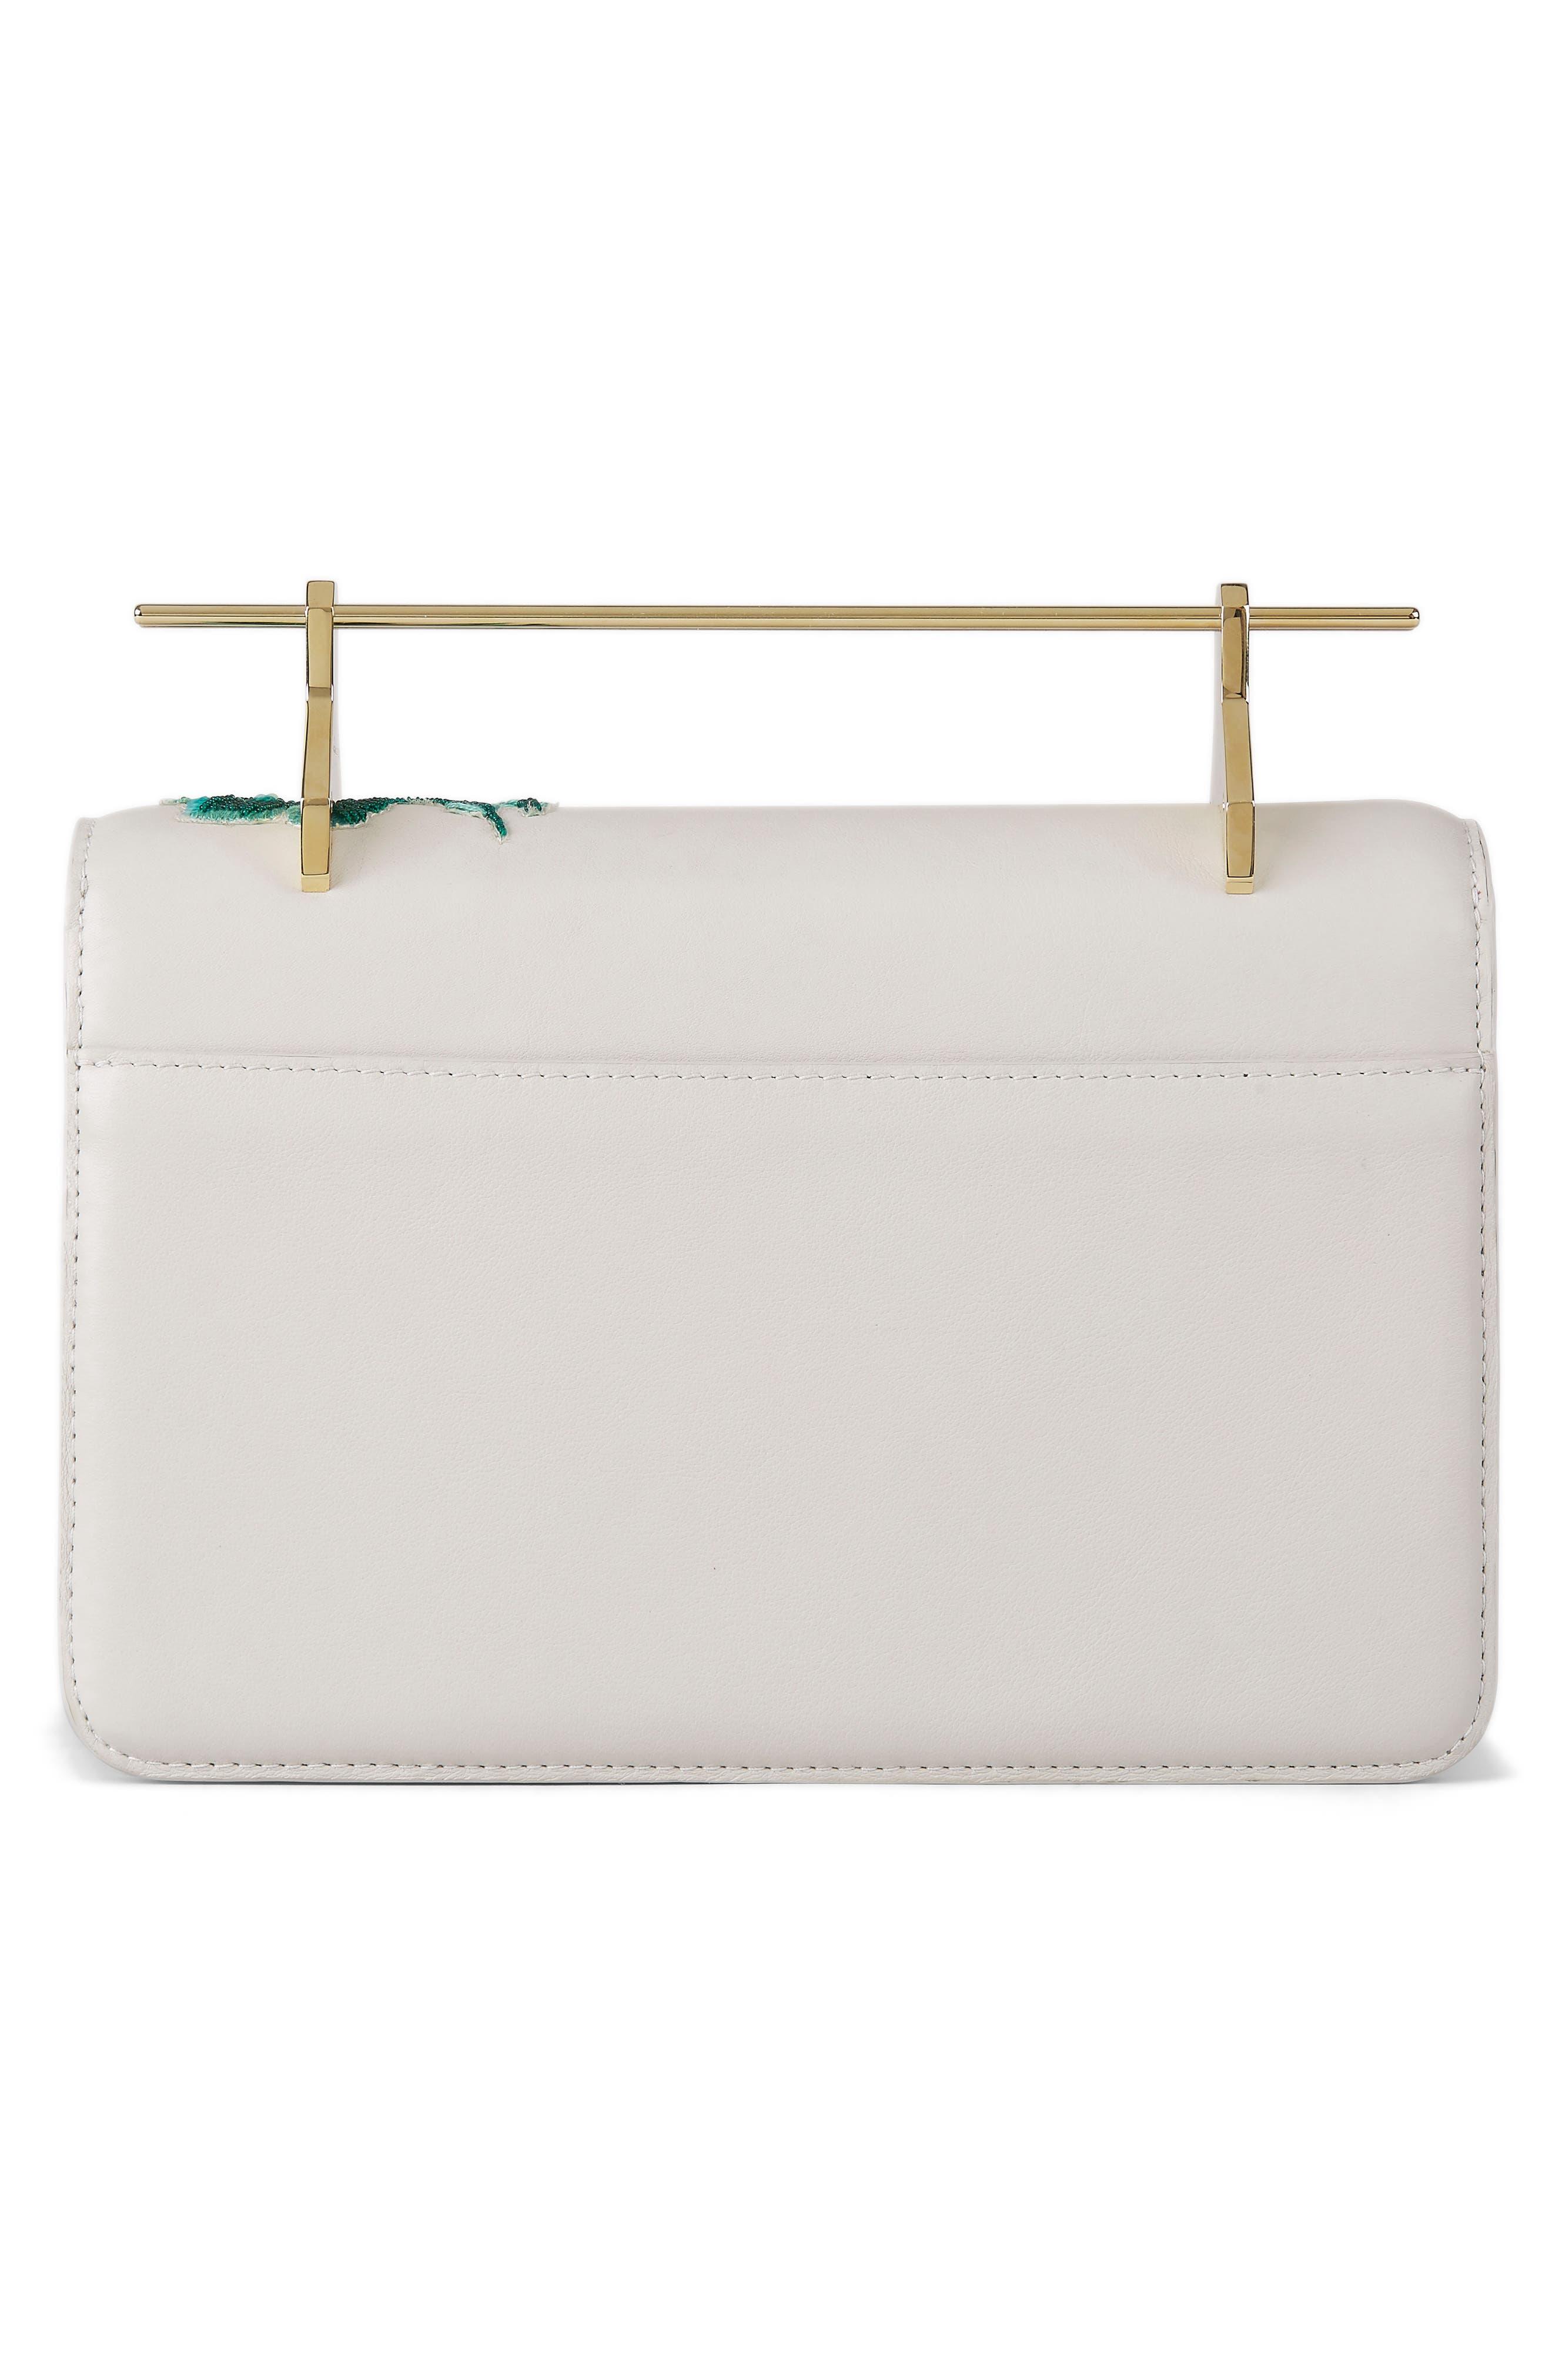 La Fleur du Mal Embellished Calfskin Leather Shoulder Bag,                             Alternate thumbnail 2, color,